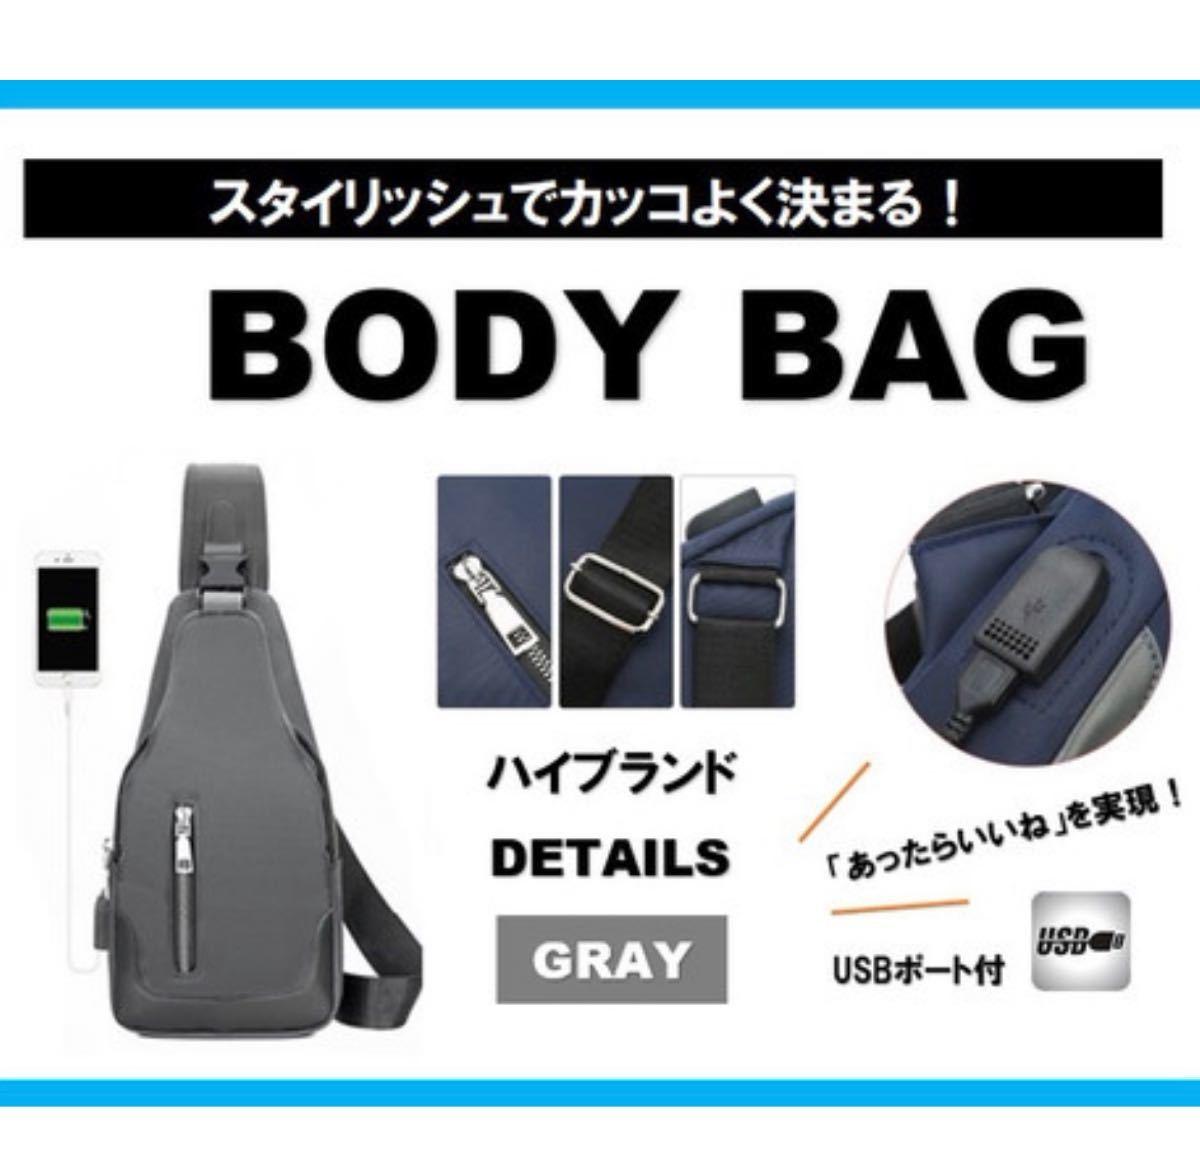 新品!メンズ バッグ ボディーバッグ ワンショルダー 多機能【グレー】 メンズボディバッグ  斜めがけ